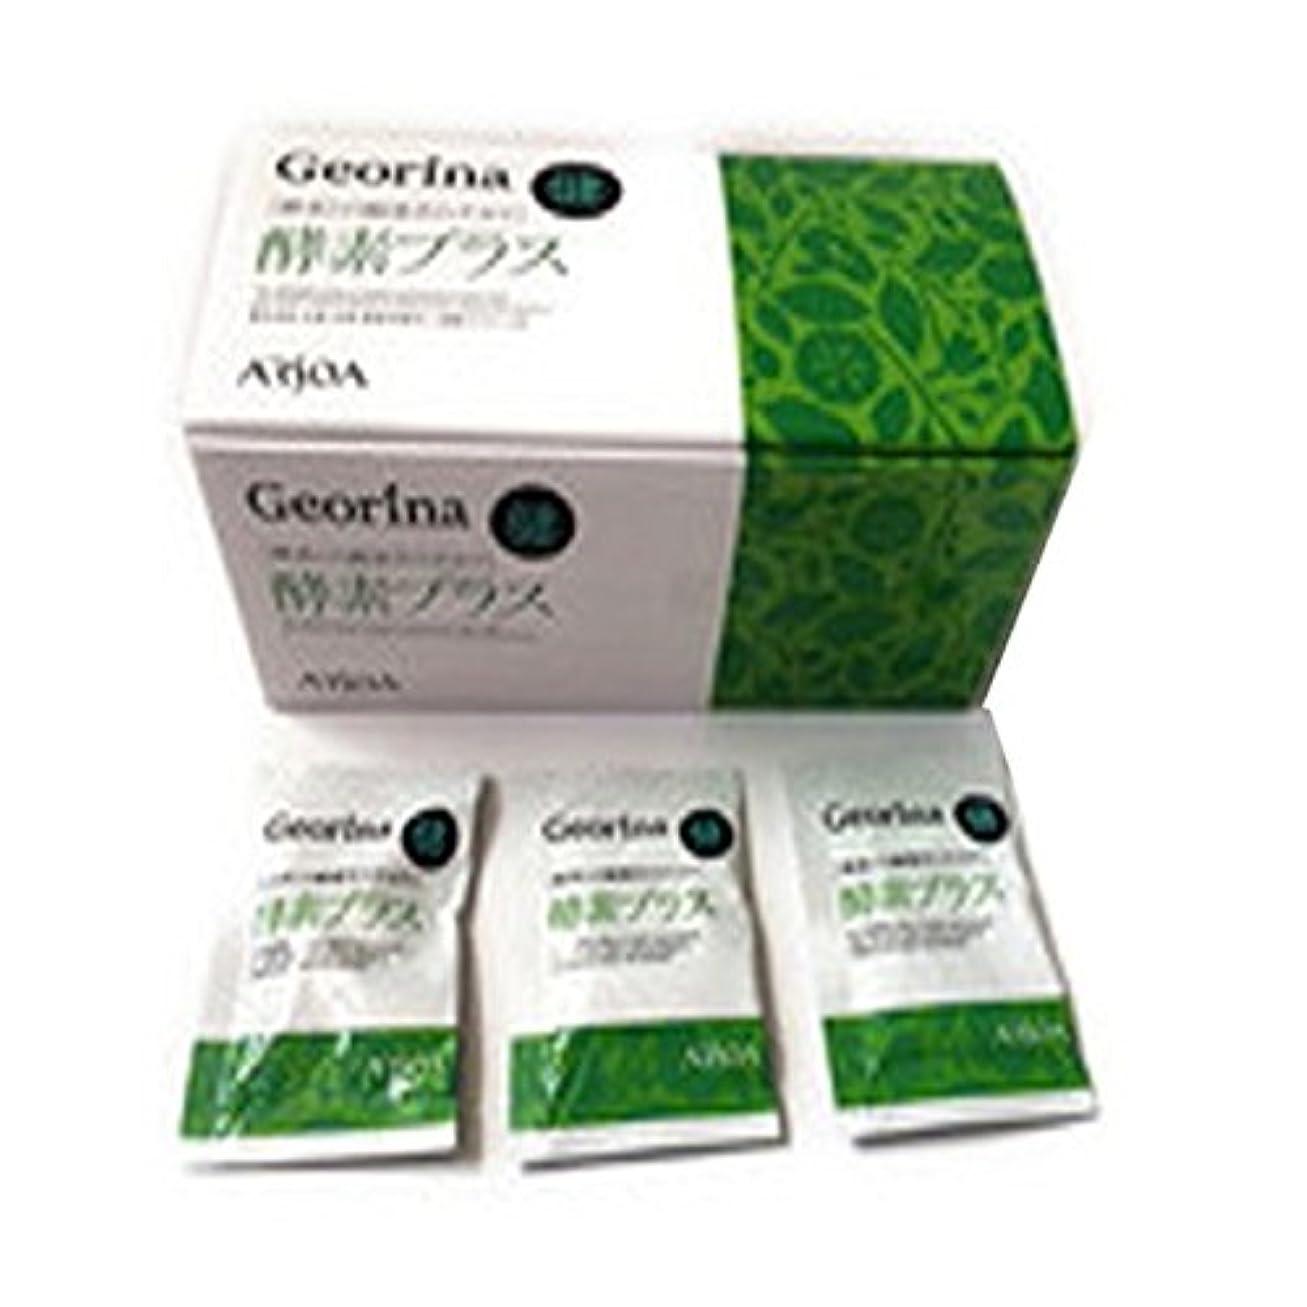 表向きバスタブ谷ARSOA(アルソア) ジオリナ 酵素プラス/レギュラー36g